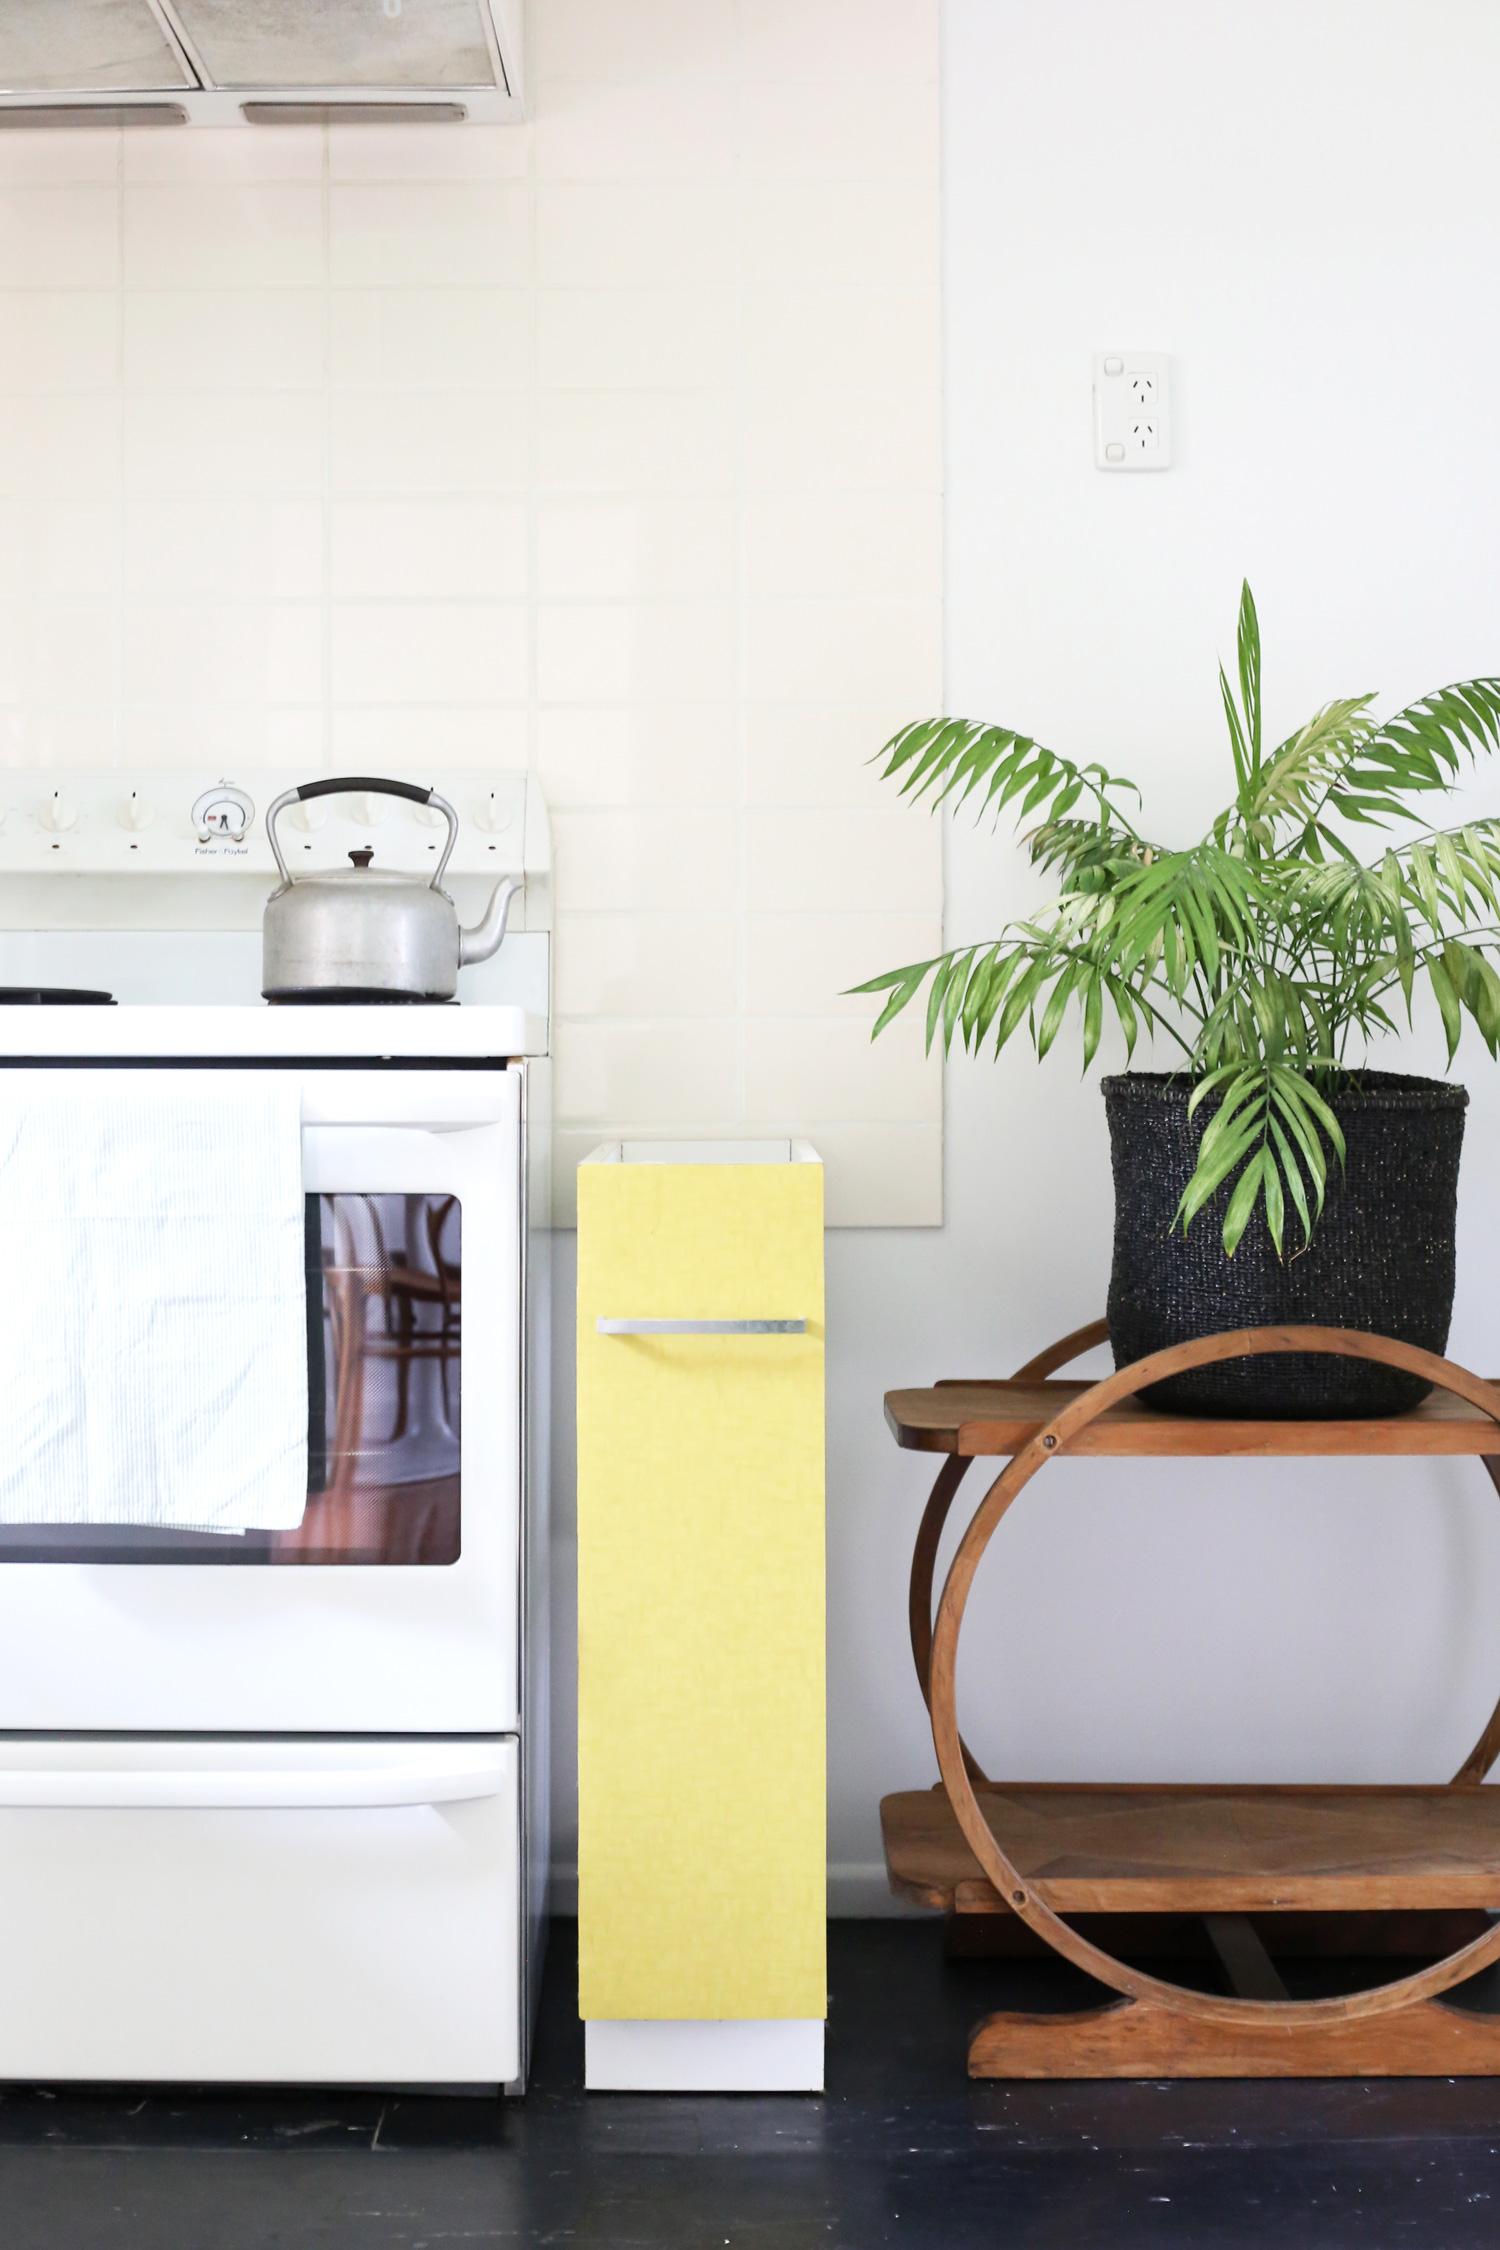 kawerau-kitchen-1.jpg